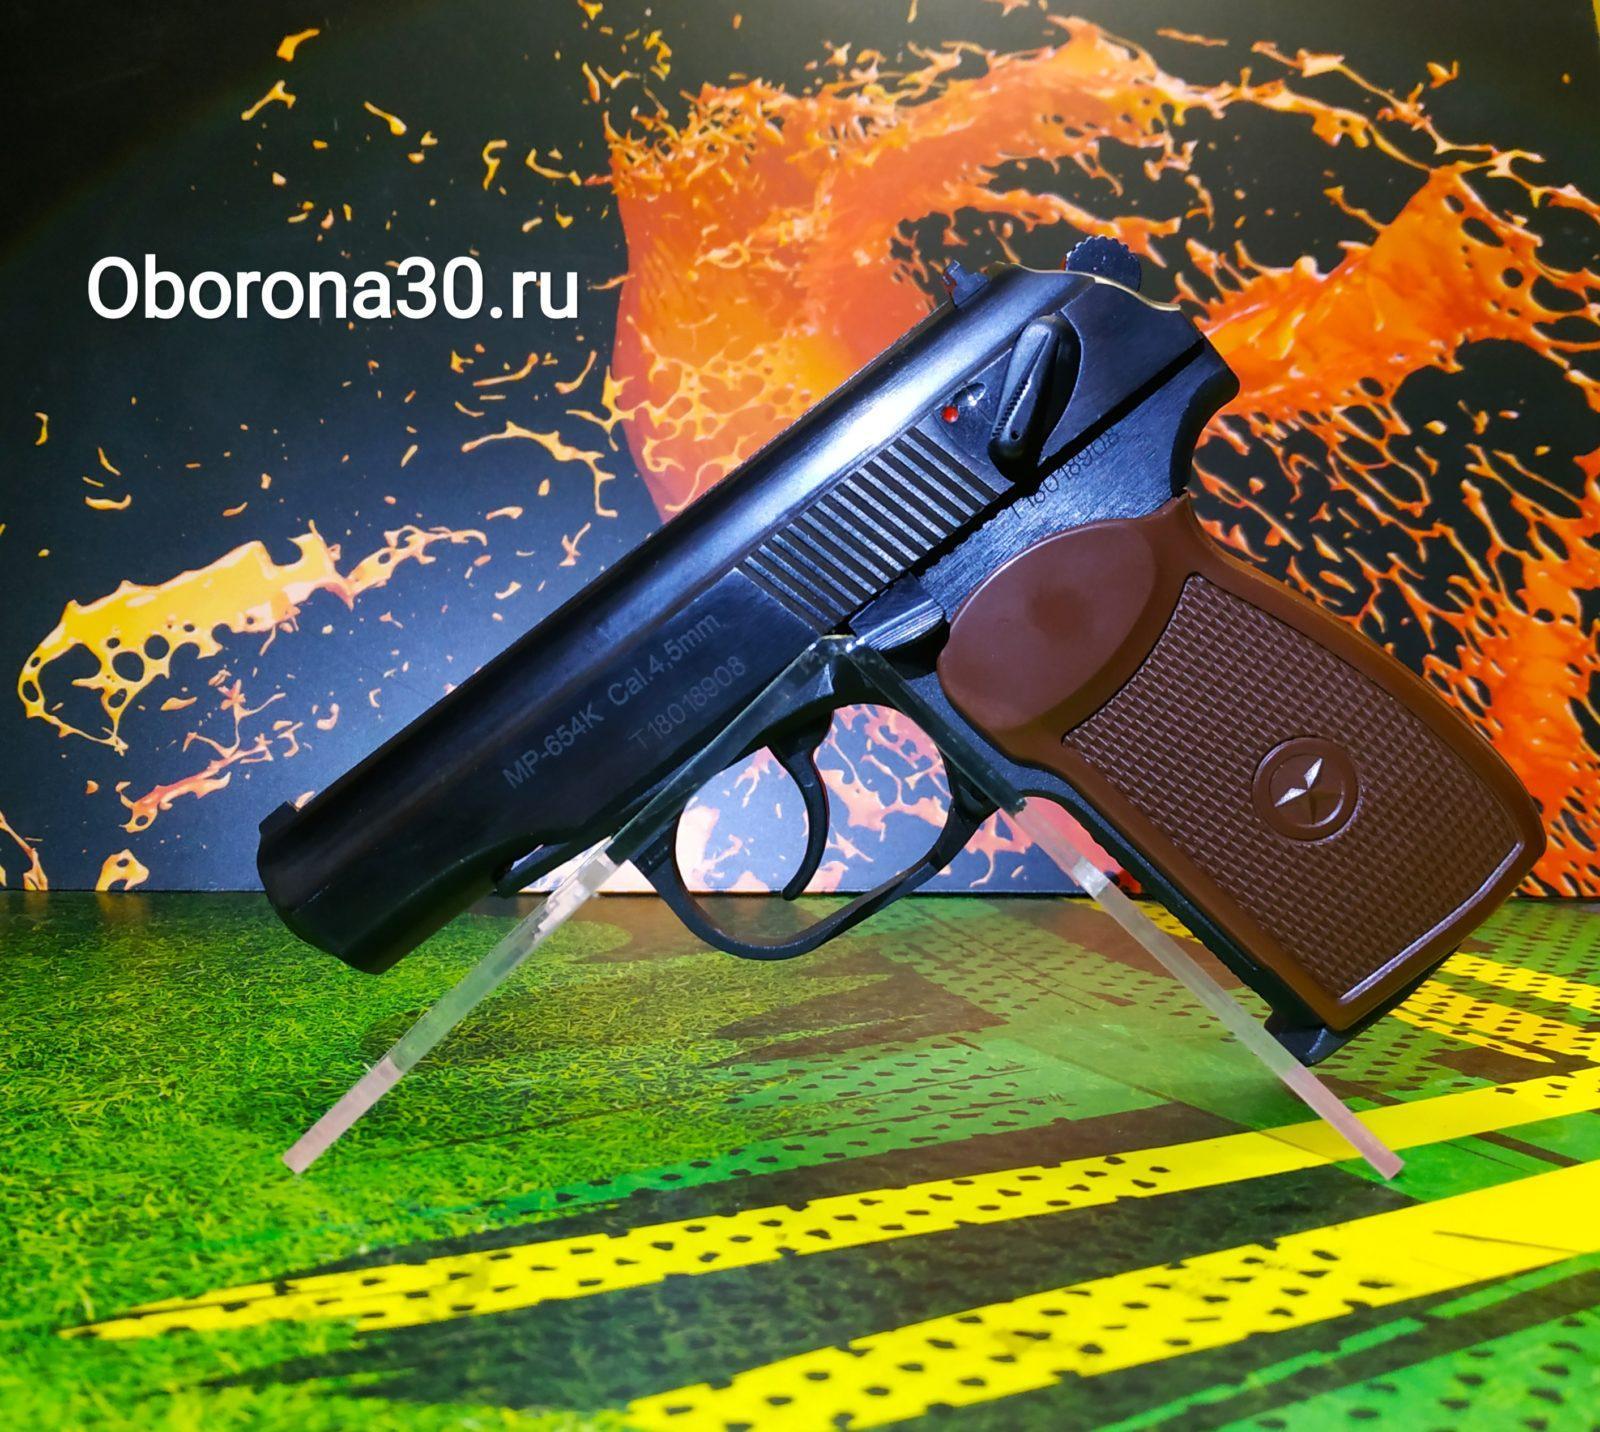 Пневматический пистолет ПМ (МР-654к